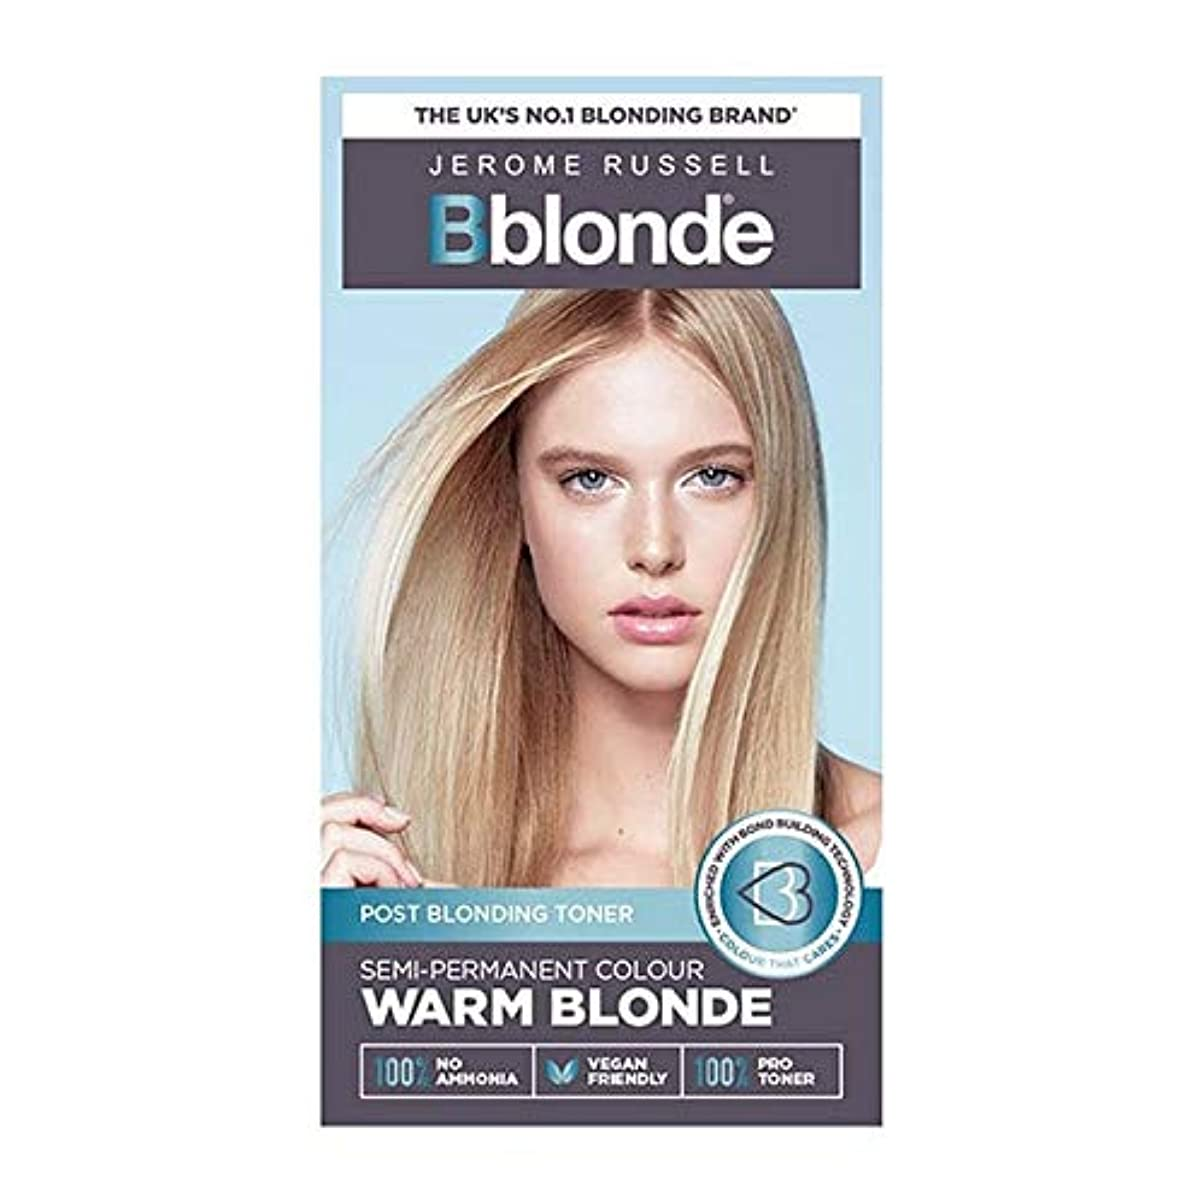 暴露する姪慣習[Jerome Russell ] ジェロームラッセルBblonde半恒久的なトナー暖かいブロンド - Jerome Russell Bblonde Semi Permanent Toner Warm Blonde [並行輸入品]